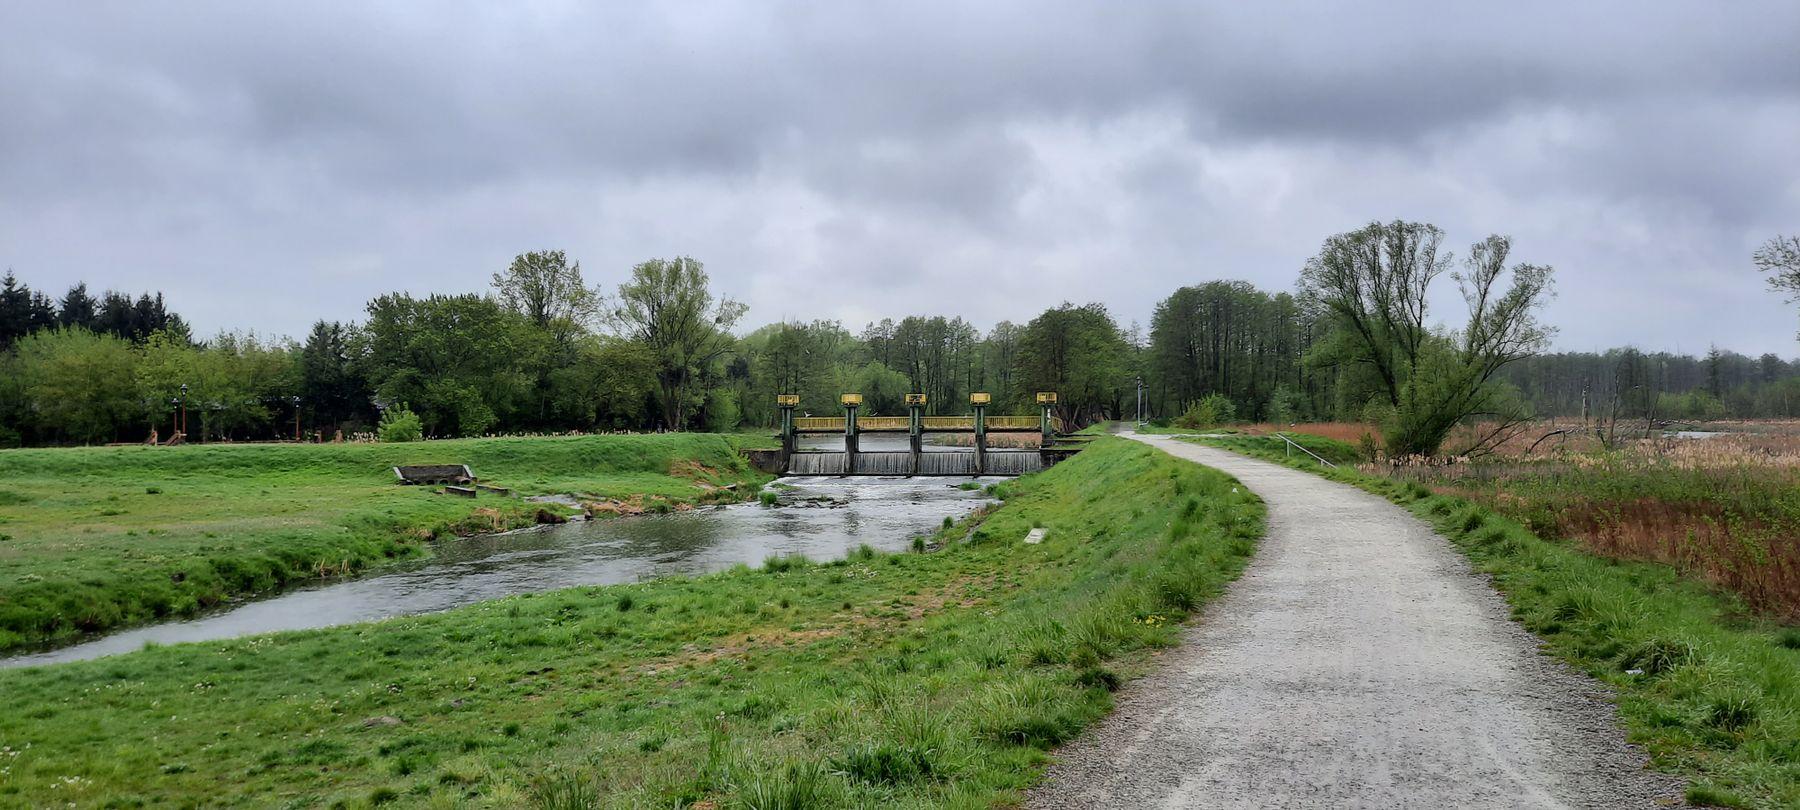 плотина на реке плотина река ландшафт